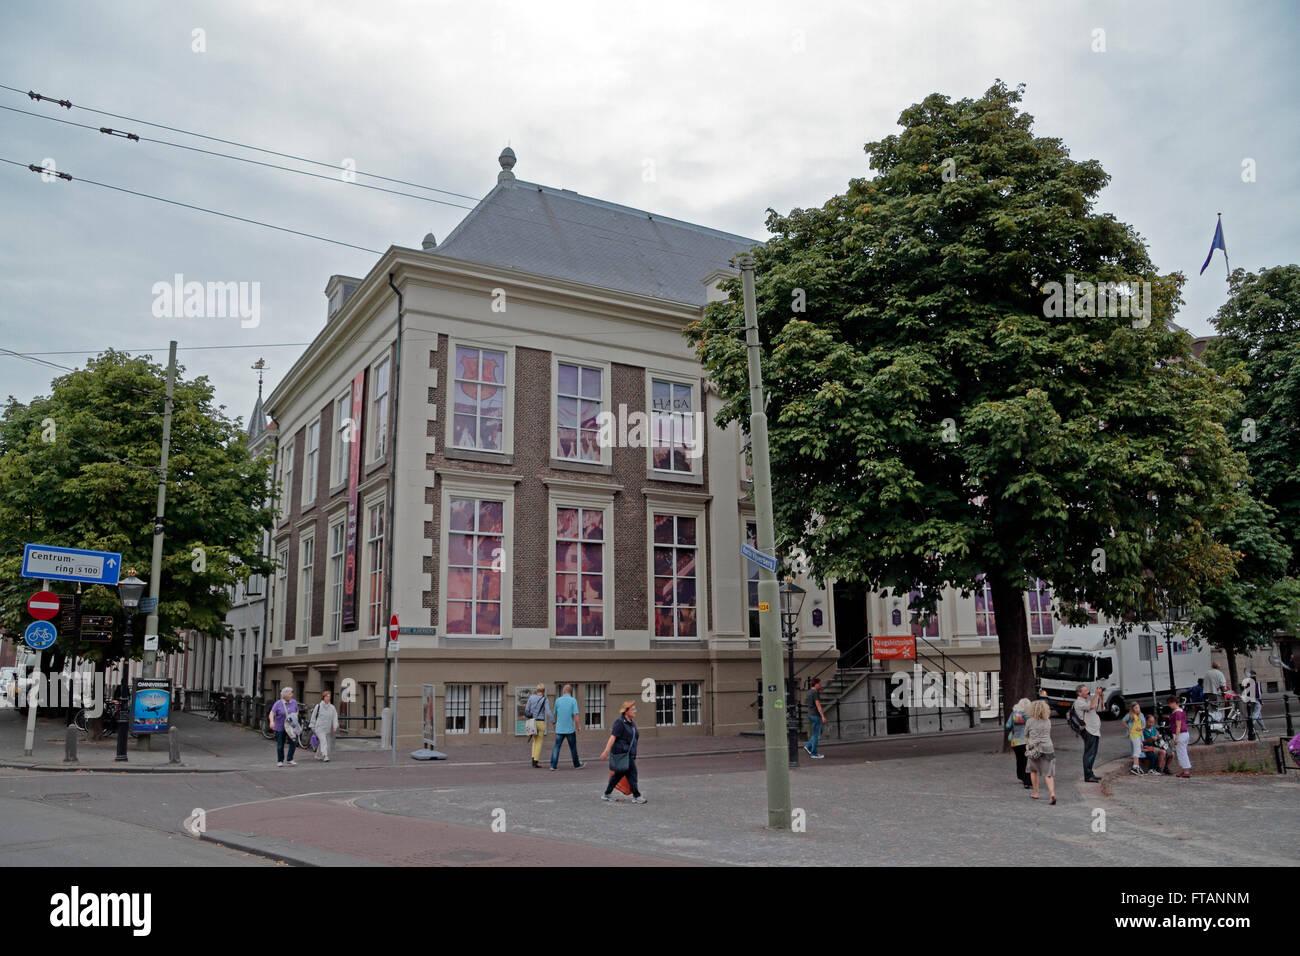 Das Haags Historisch Museum (historisches Museum in den Haag) in den Haag, Niederlande. Stockbild